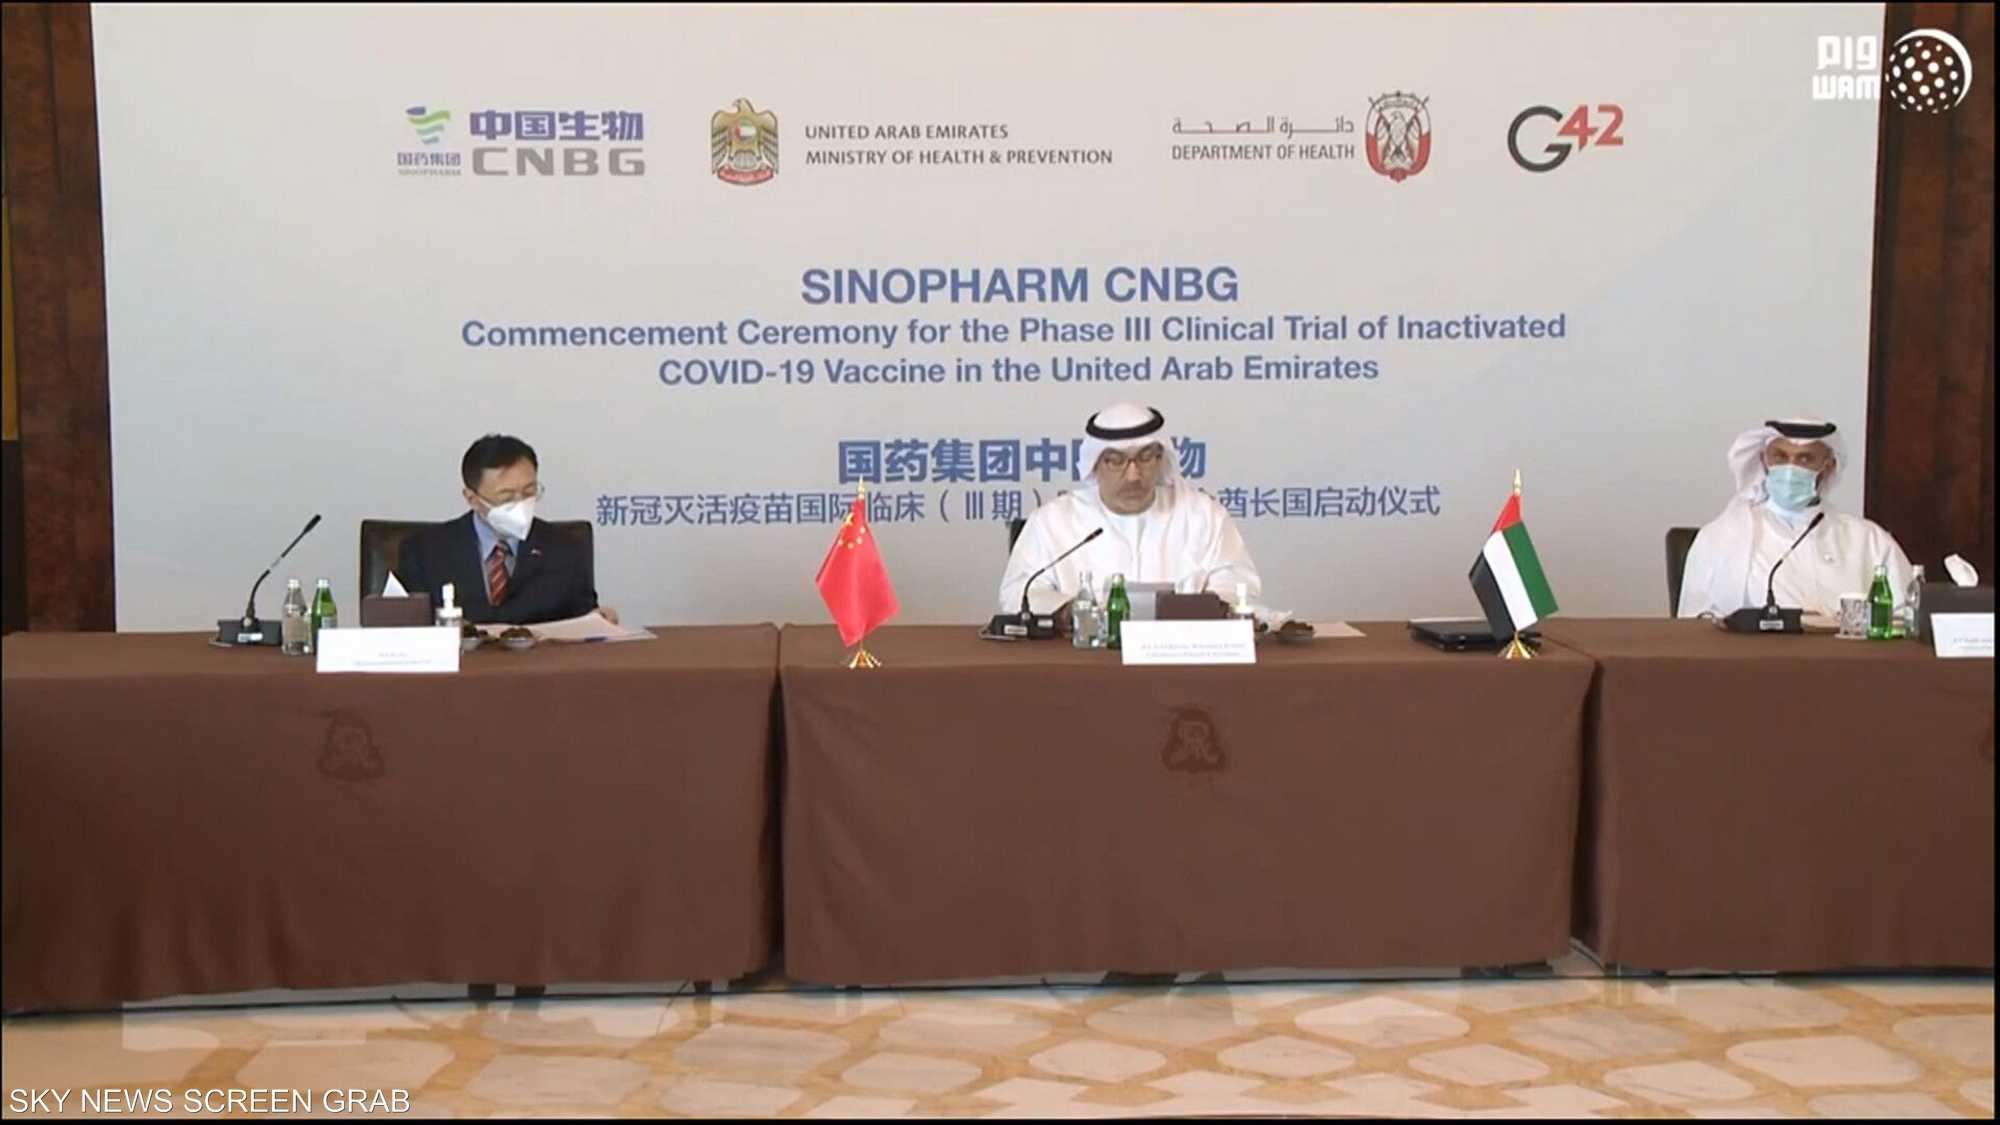 الإمارات.. المرحلة الأولى للتجارب السريرية الـ3 للقاح